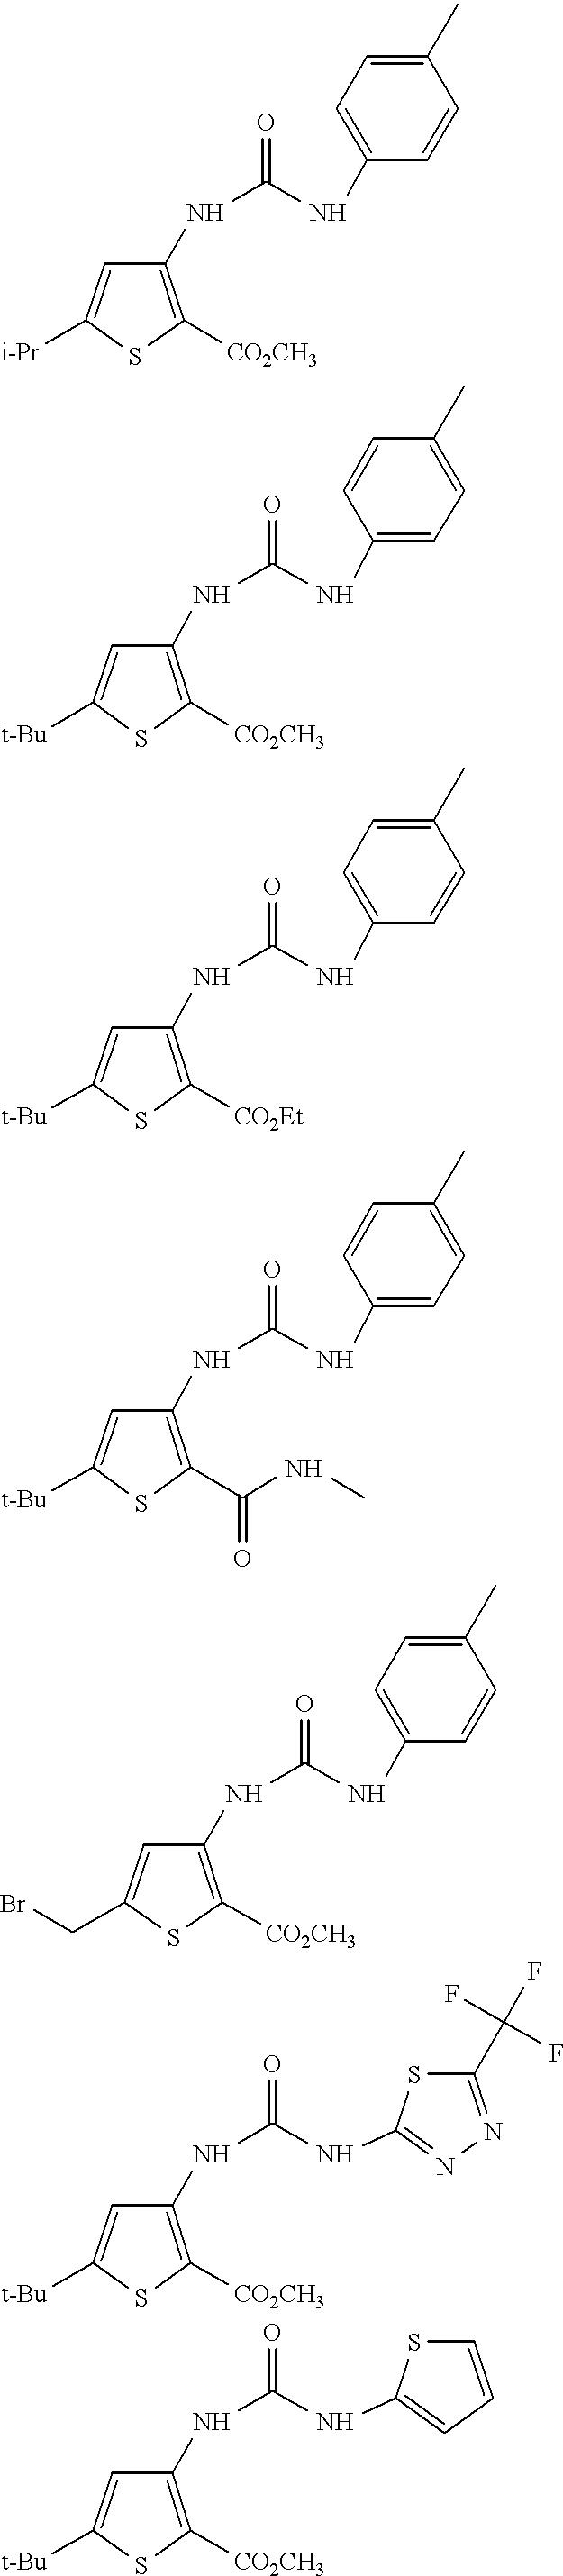 Figure US06187799-20010213-C00049